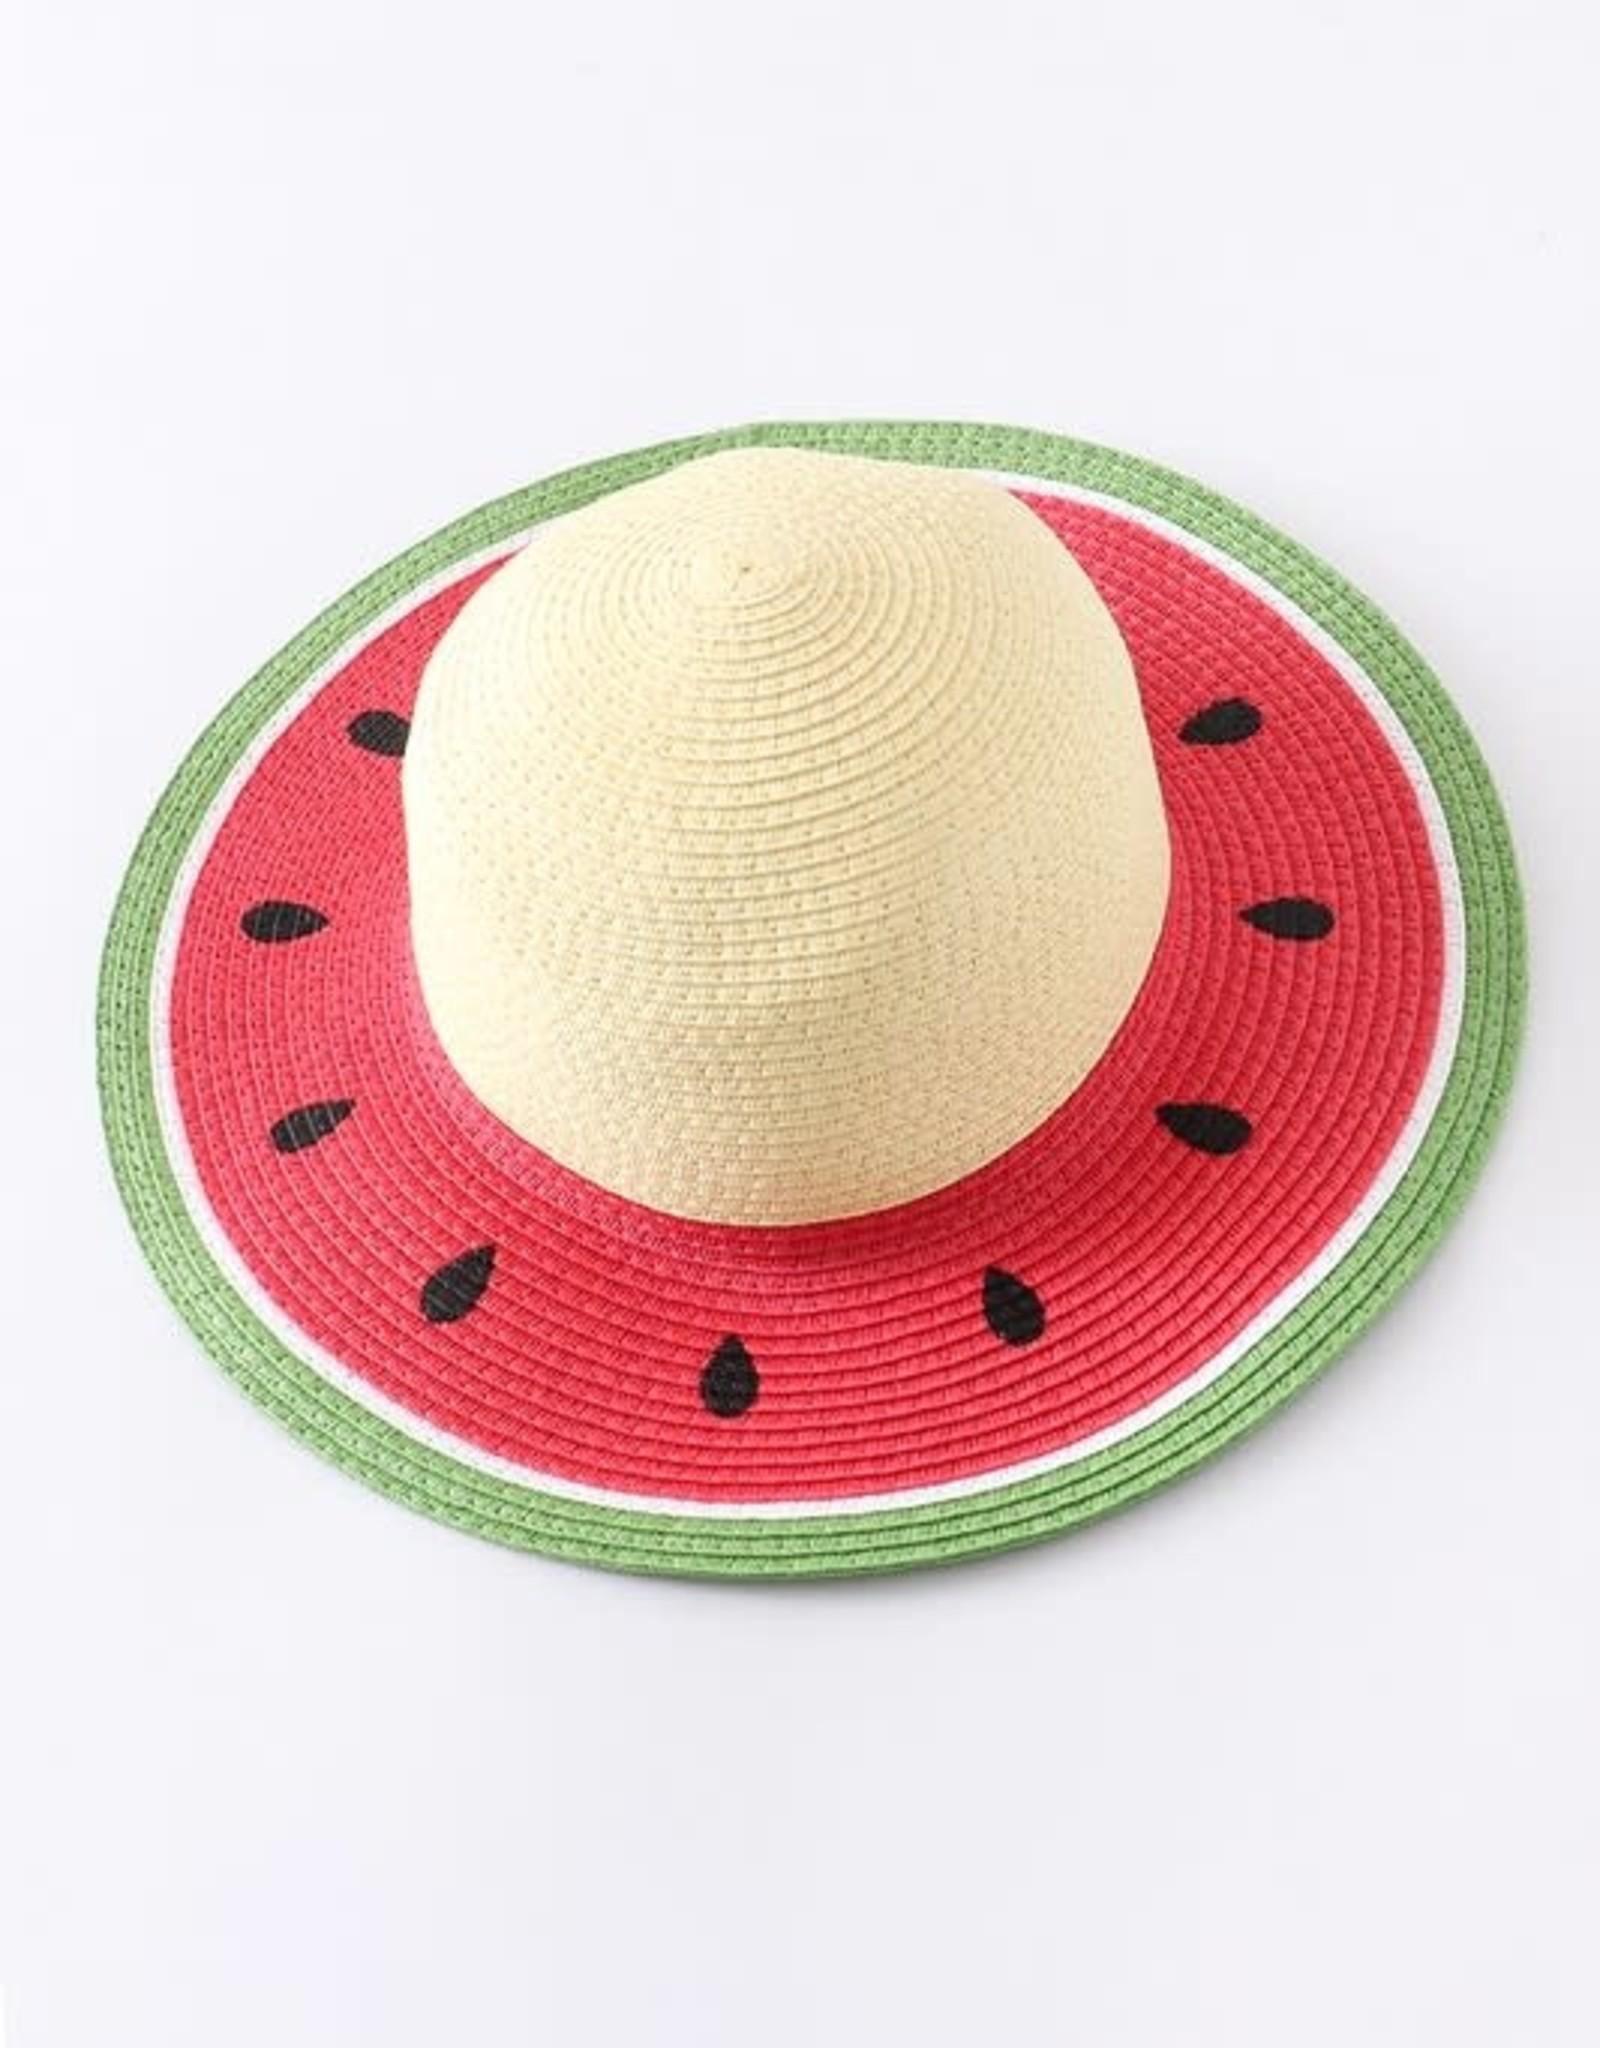 Honeydew Willow Watermelon Beach Hat